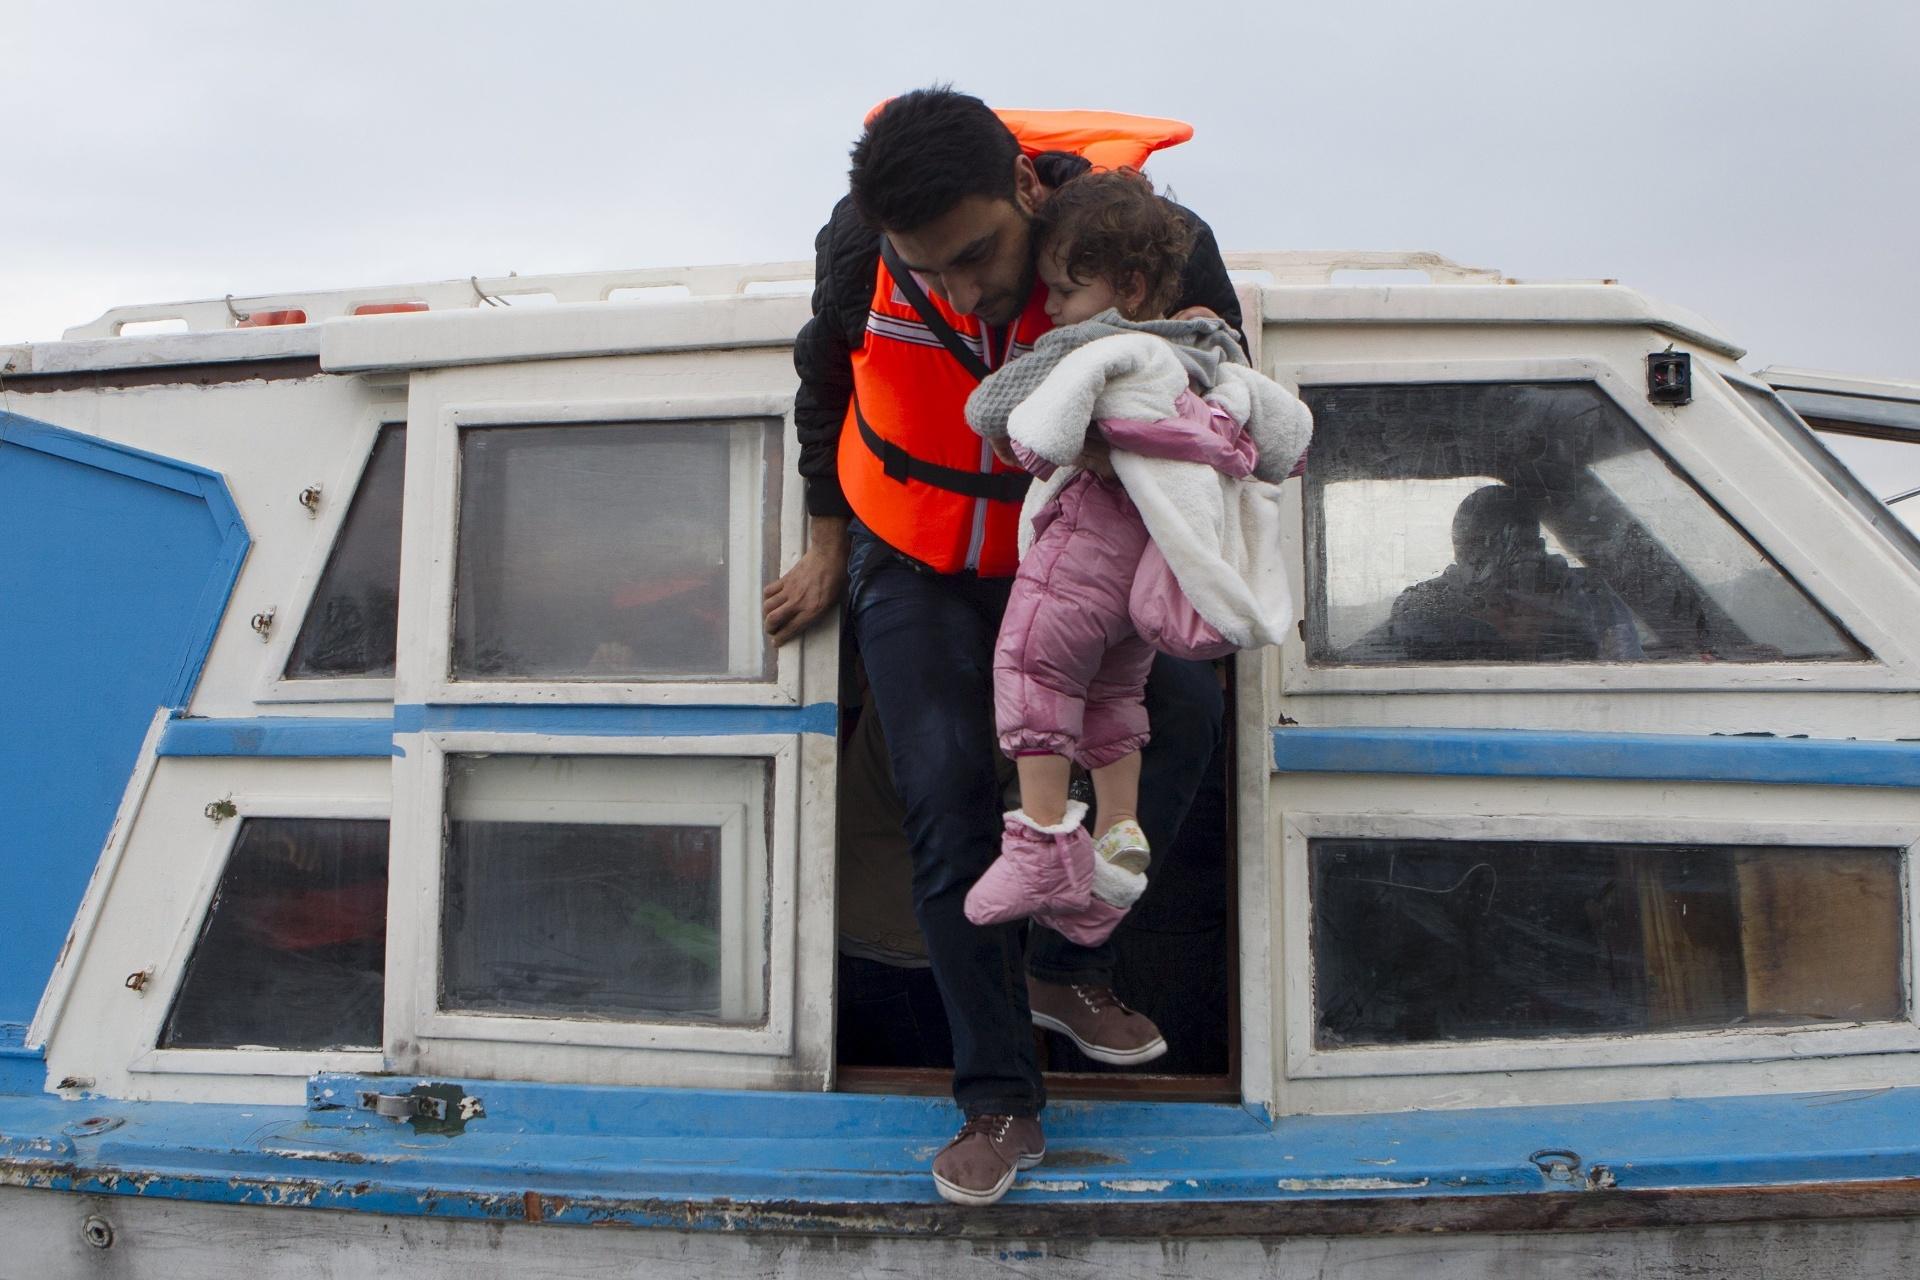 29.set.2015 - Refugiado sírio carrega criança ao chegar á ilha de Lesbo, na Grécia, após atravessar o mar Egeu a partir da Turquia